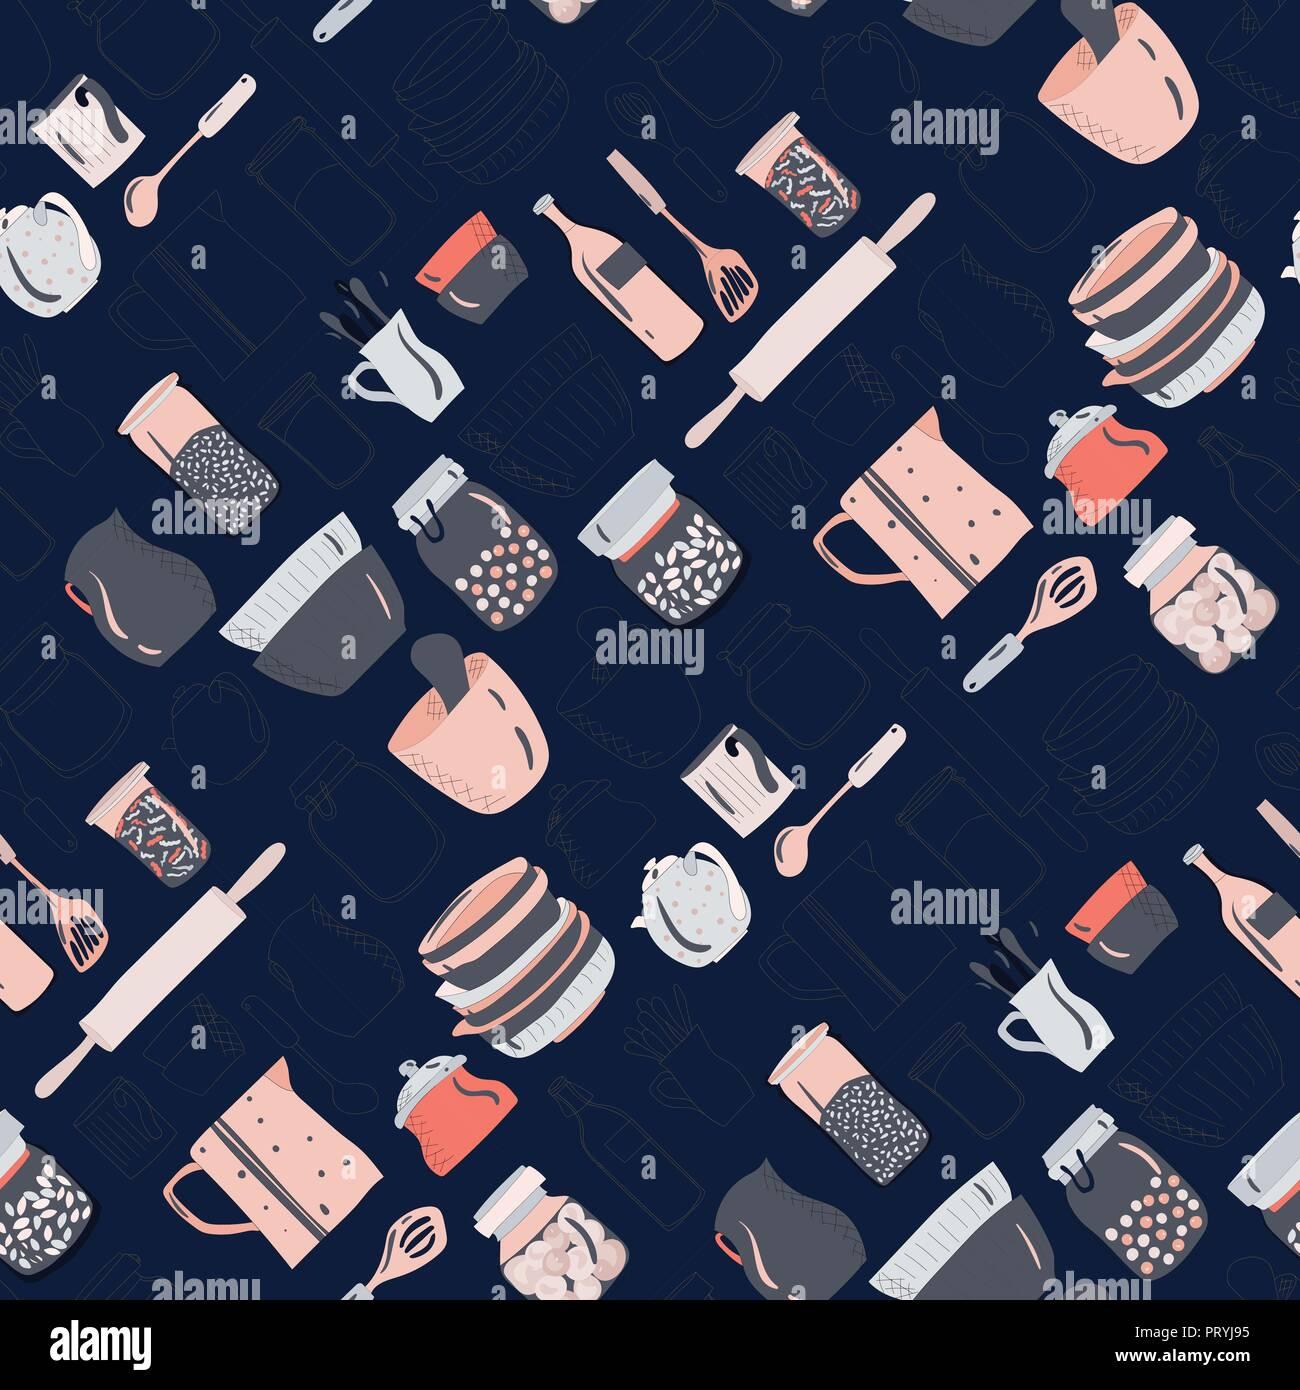 Colorato di utensili da cucina, stoviglie, piatti, tazze, teiere ...